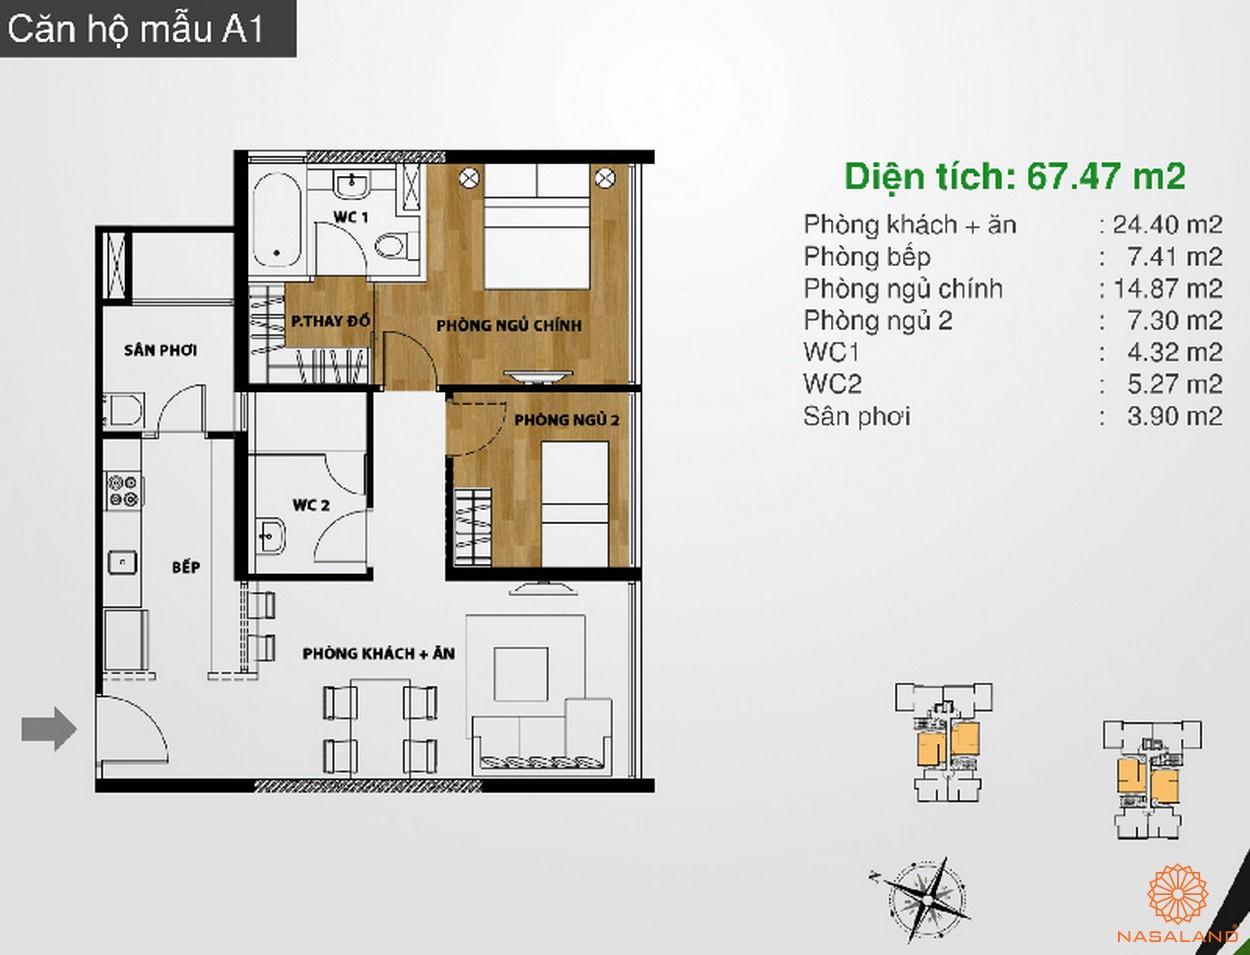 Hình ảnh căn hộ mẫu A1 dự án The Ascent Quận 2